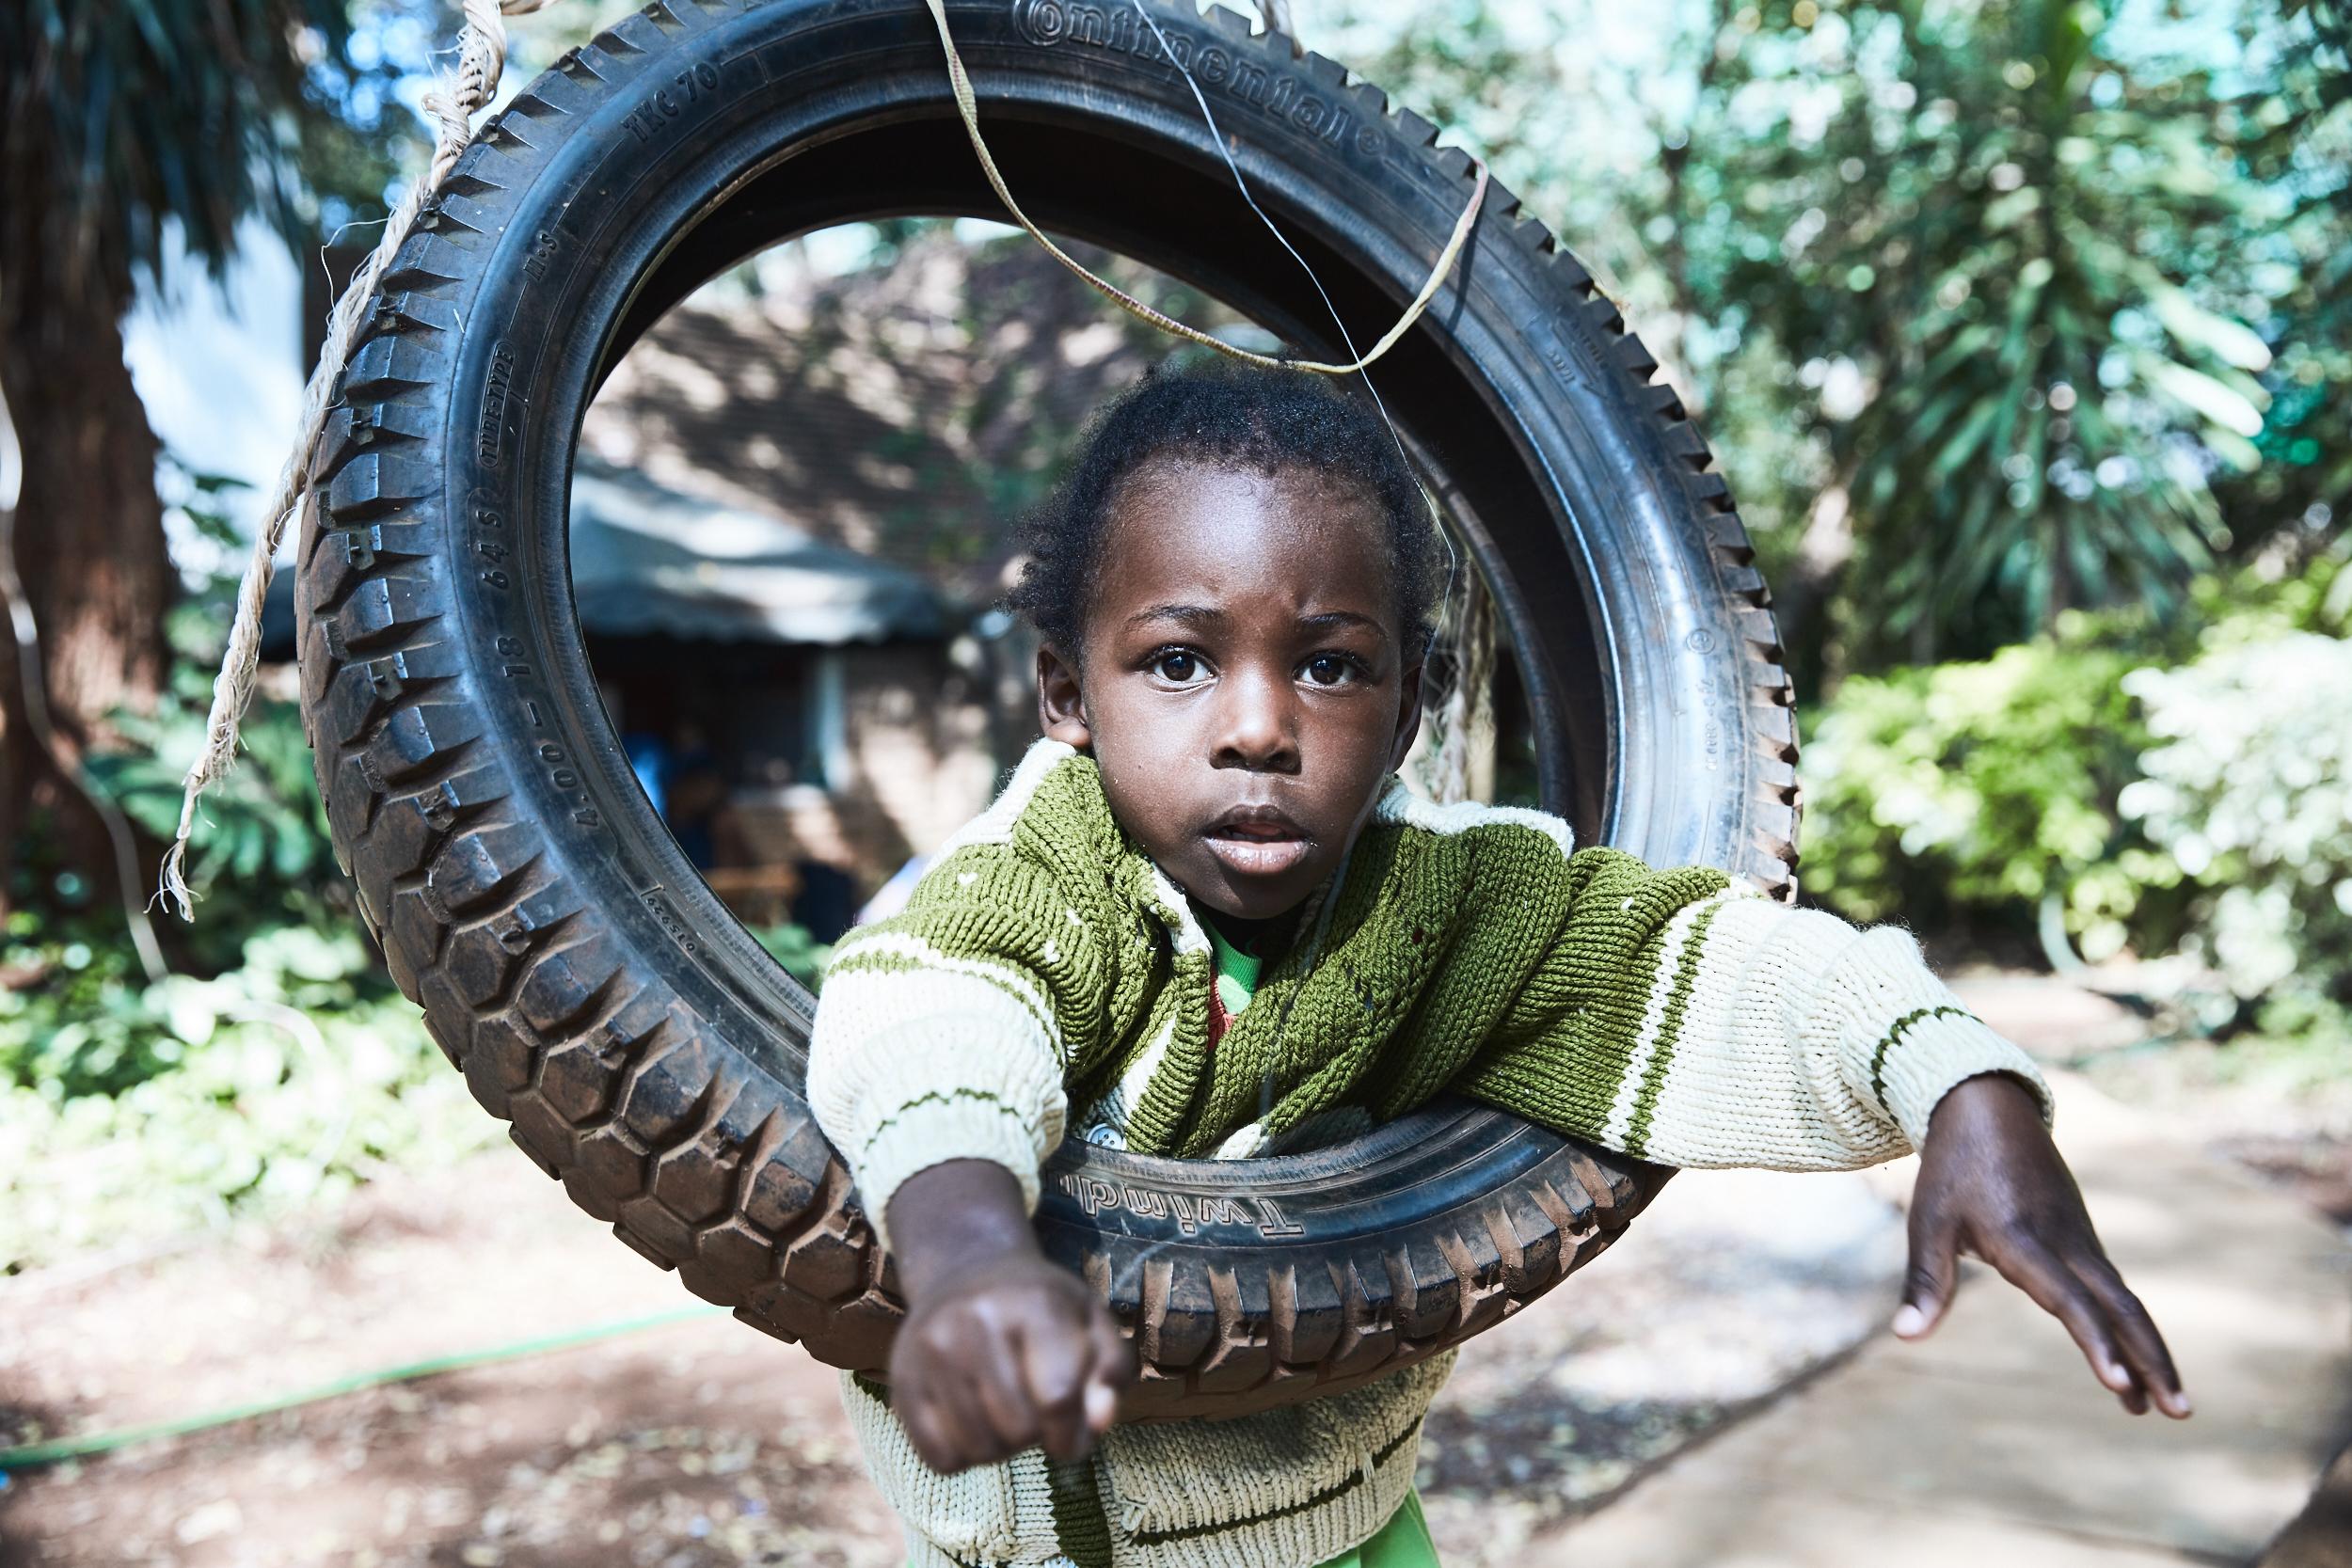 JLP_africa_0034.jpg